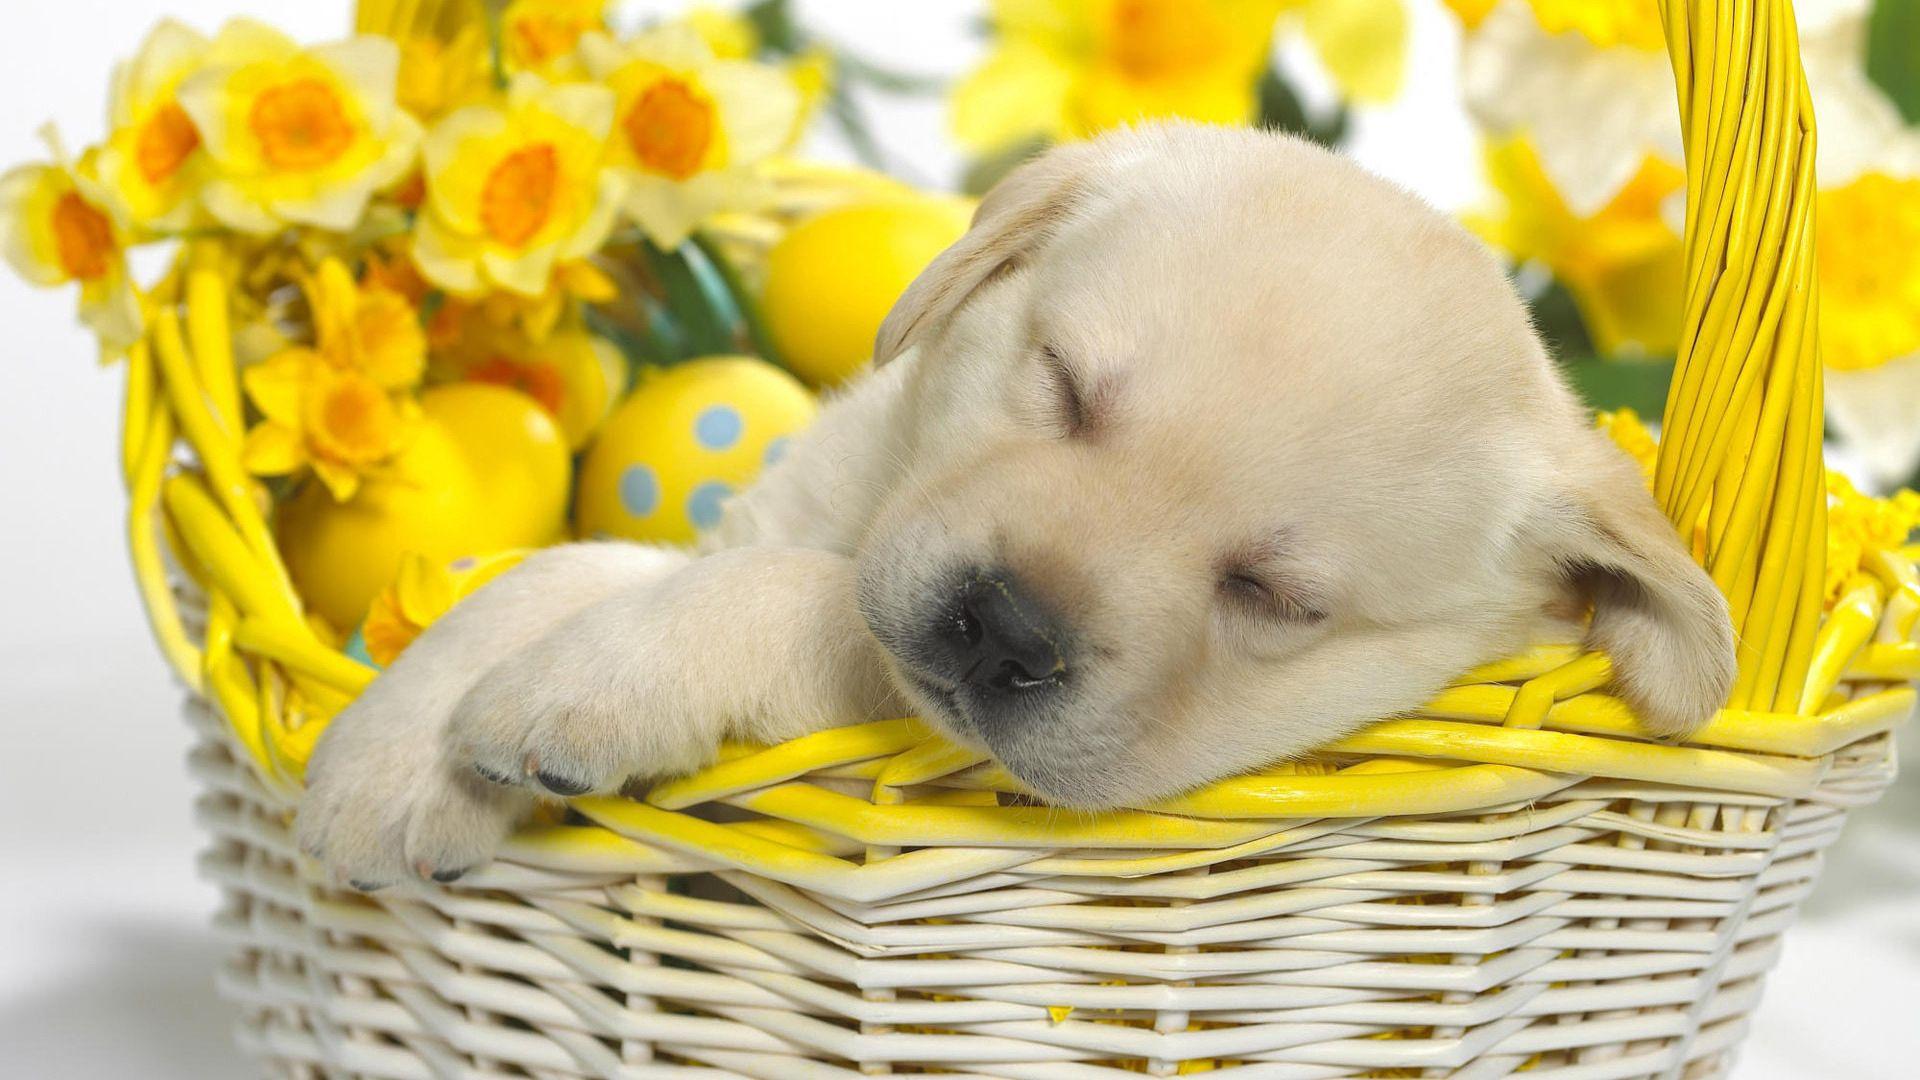 77783 descargar fondo de pantalla Animales, Cachorro, Labrador, Dormir, Soñar, Cesta, Canasta, Flores, Pascua, Huevos: protectores de pantalla e imágenes gratis